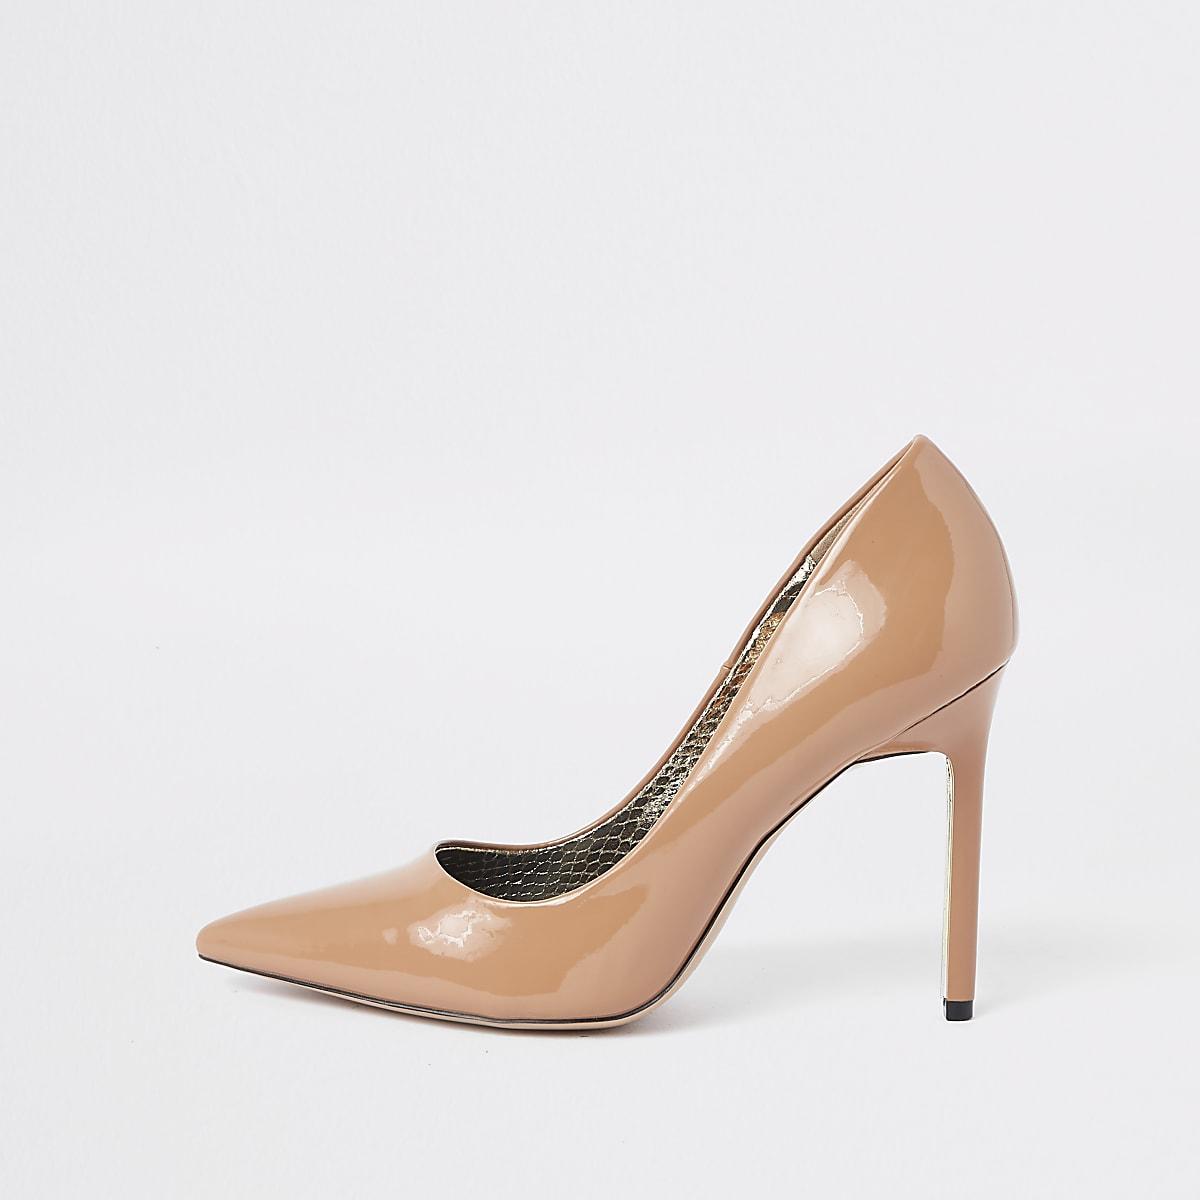 72ff42461715 Light pink patent pumps - Shoes - Shoes   Boots - women